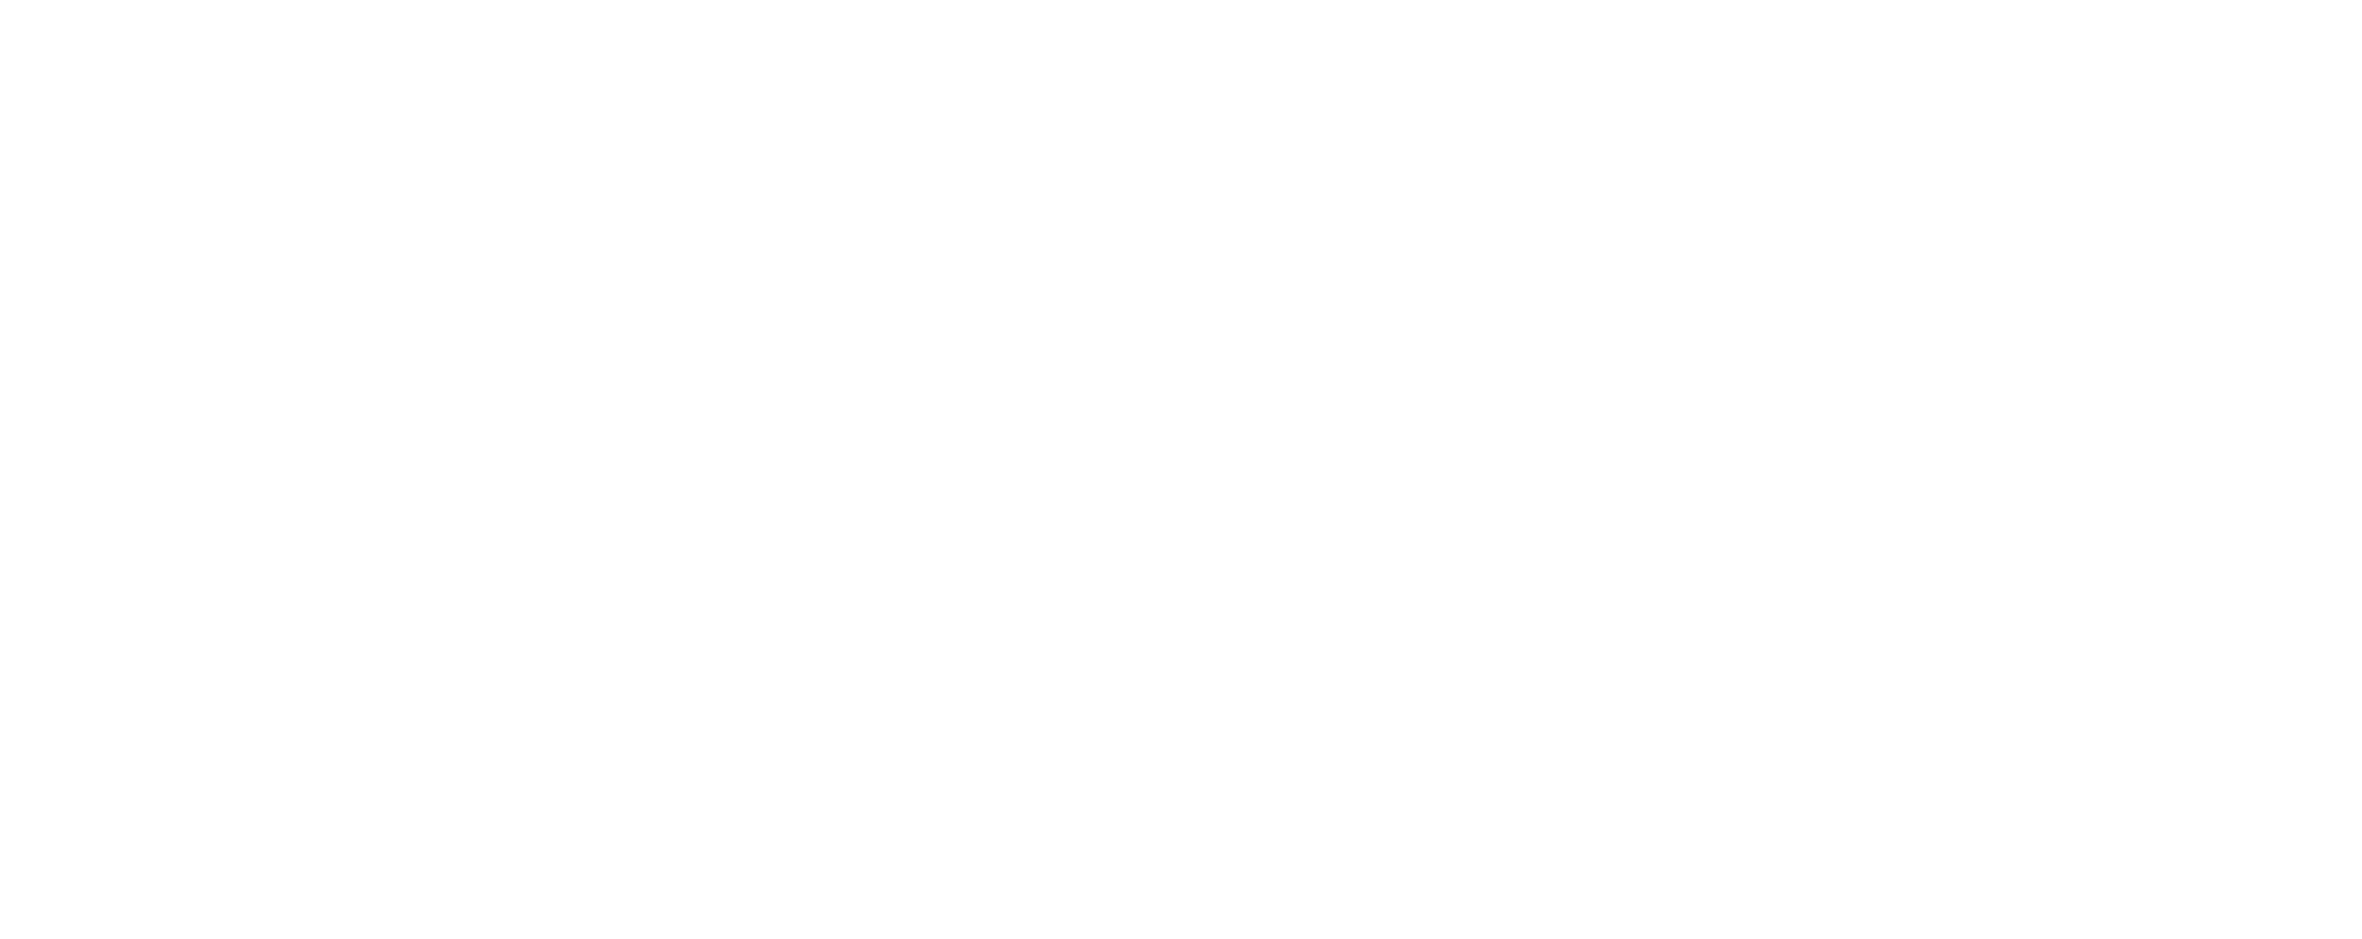 Charmant Katholische Farbseiten Bilder - Malvorlagen Ideen - blogsbr ...